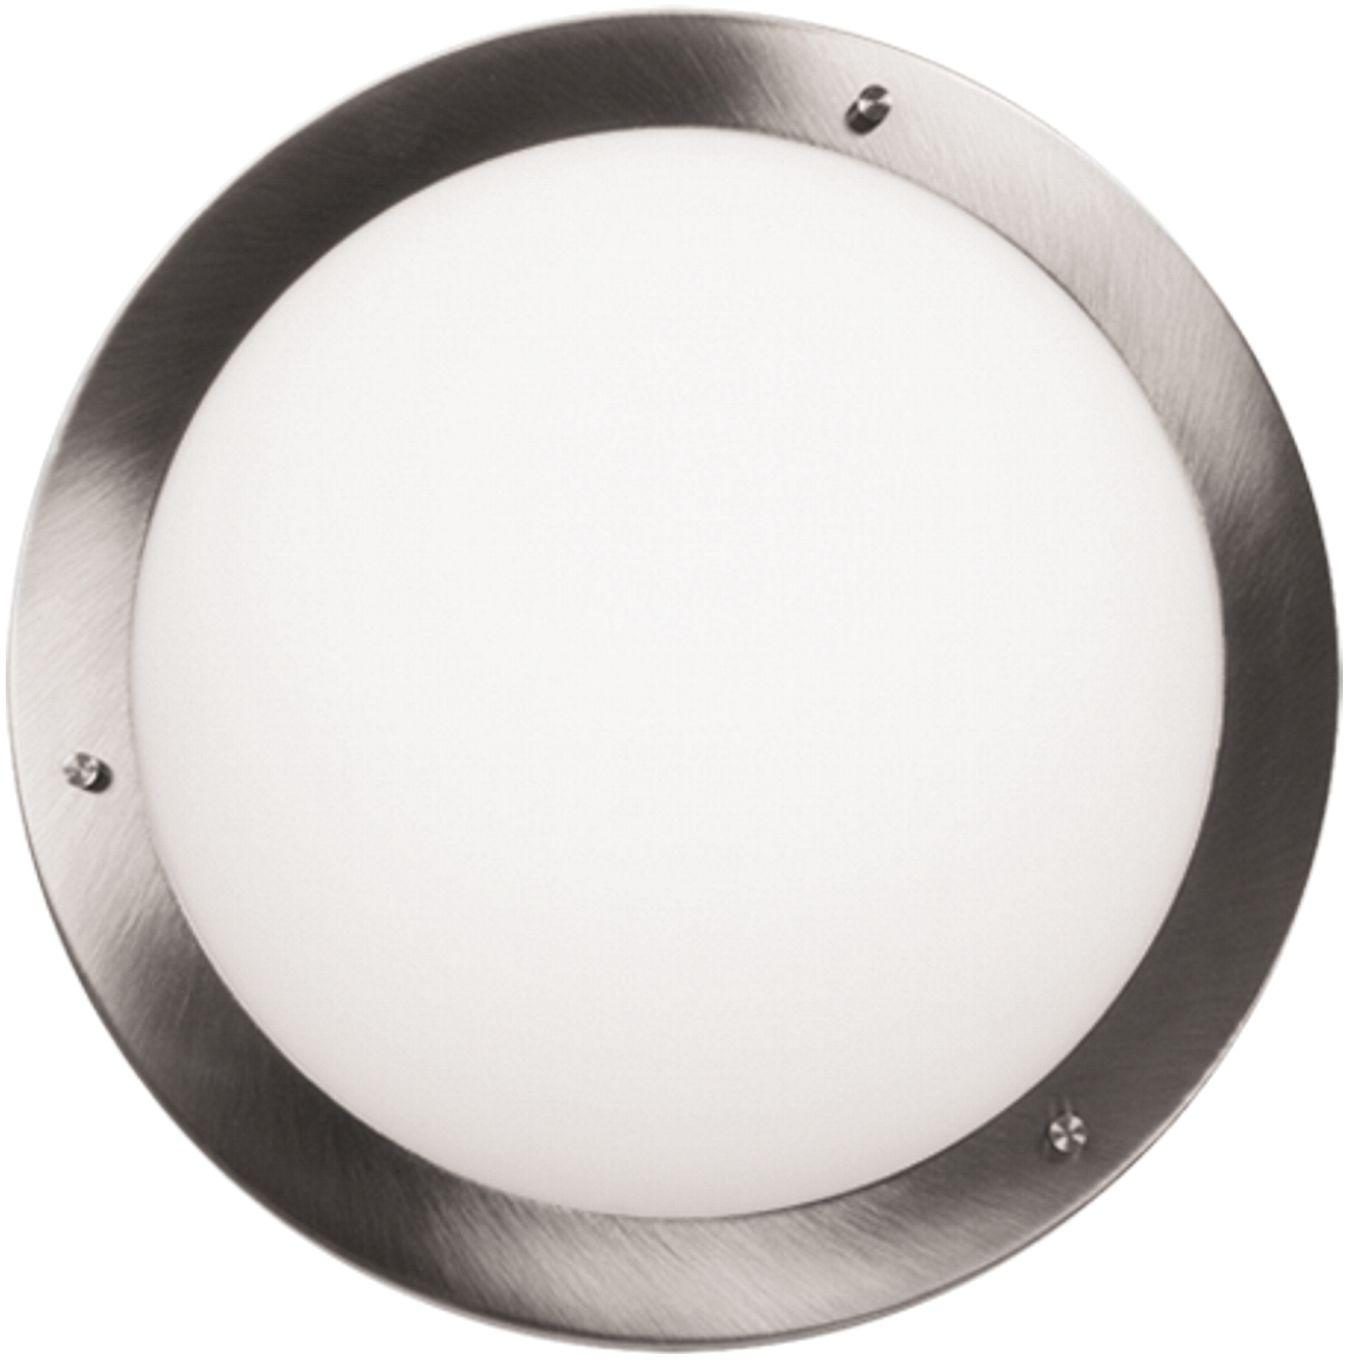 Candellux AQUILA 13-84197 plafon lampa sufitowa satyna nikiel szklany klosz 1X60W E27 31cm IP44